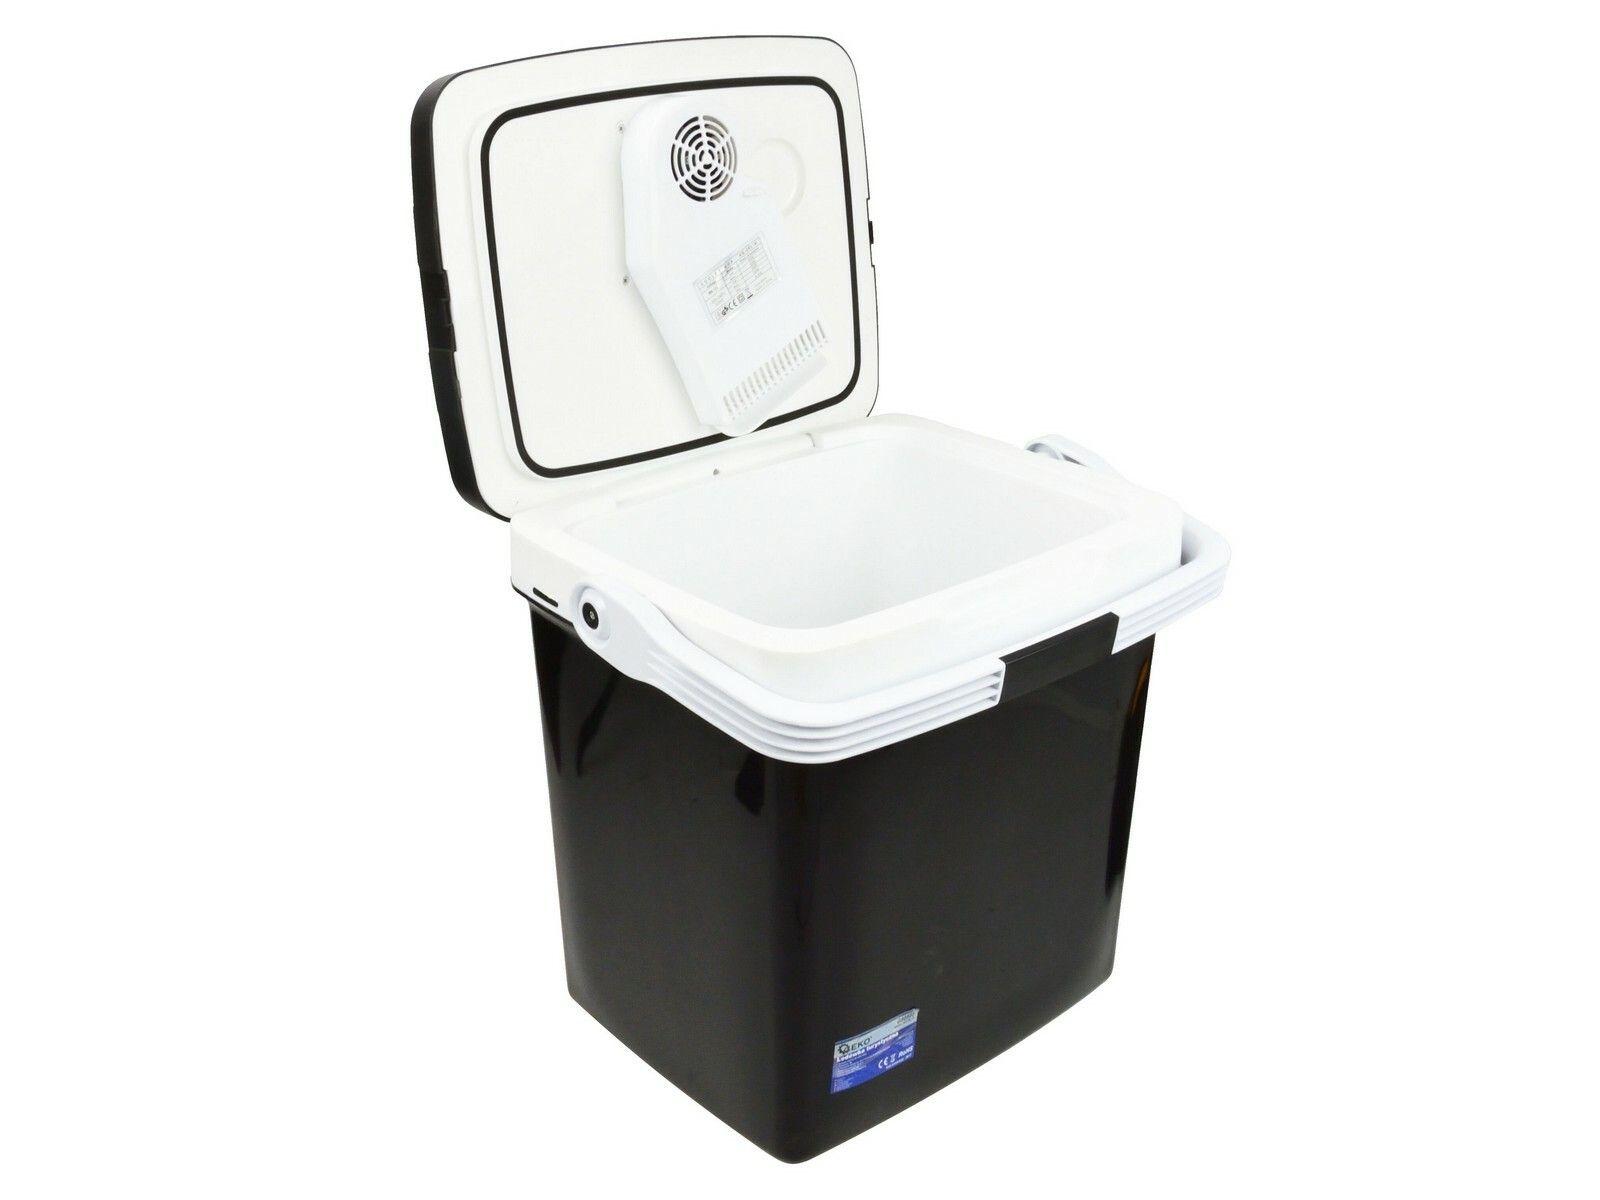 Chladící box 26litrů, 230/12V, displej s teplotou